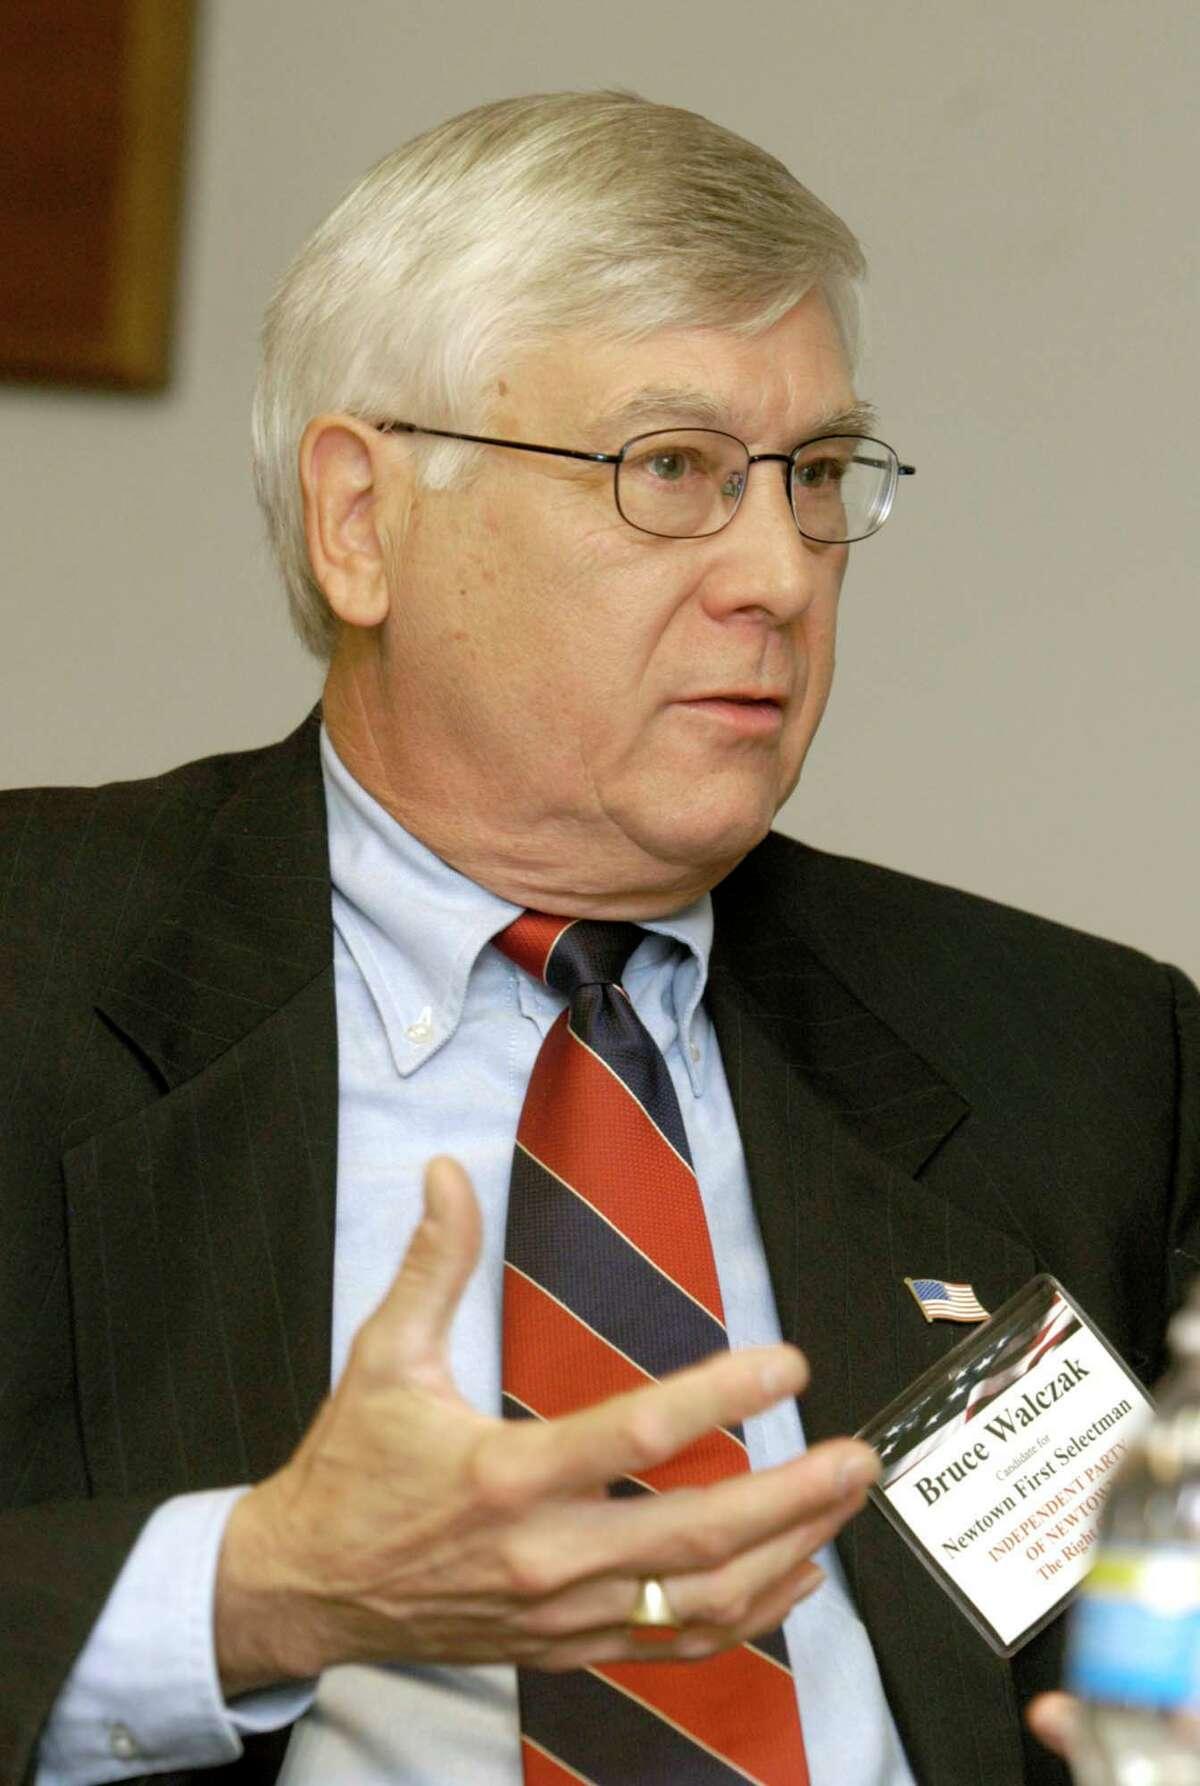 Bruce Walczak